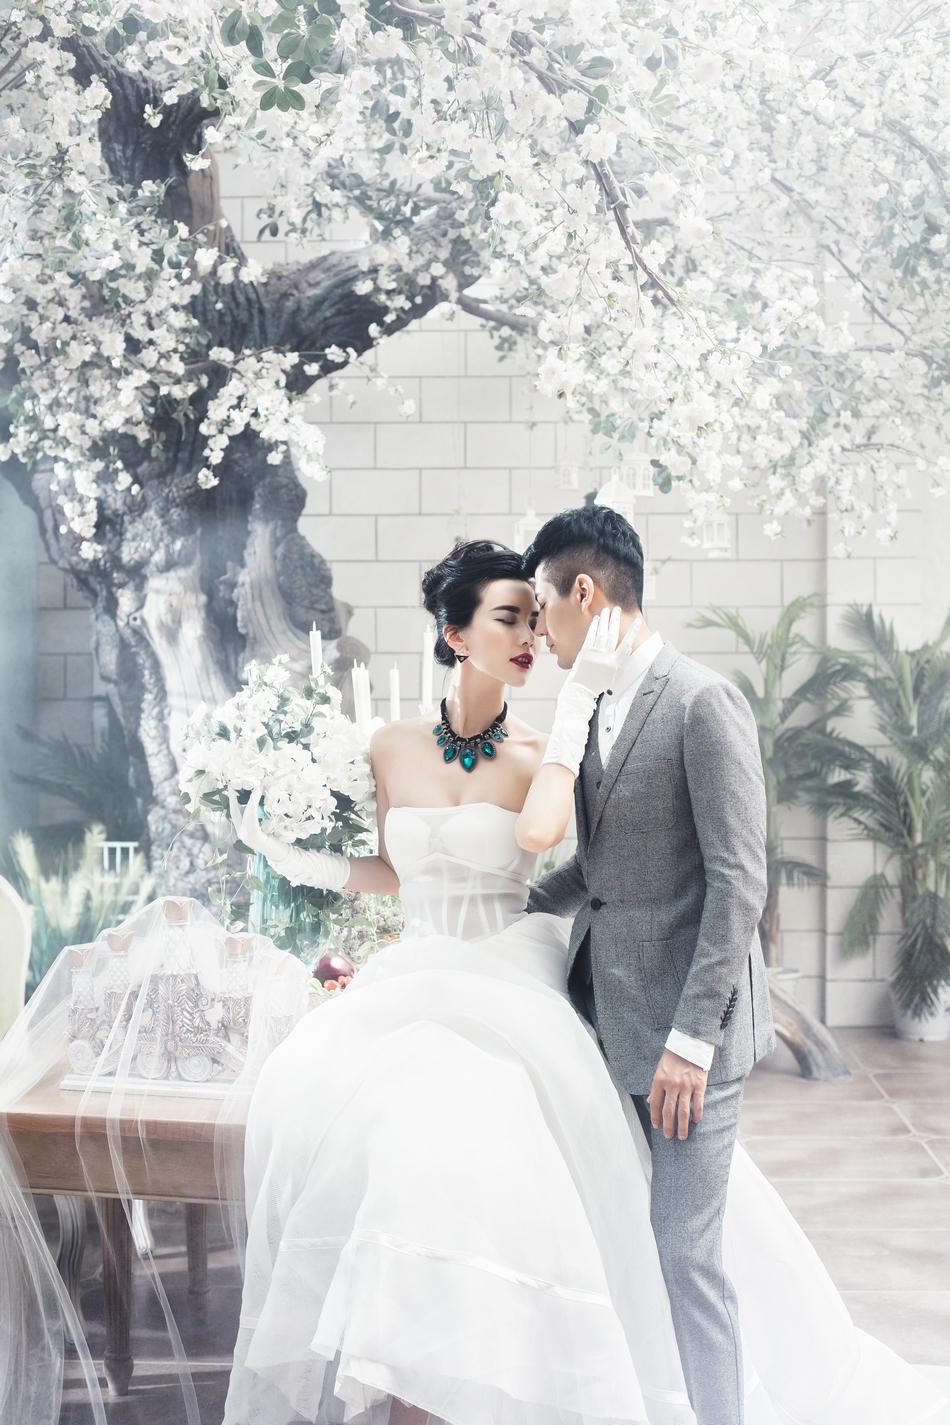 东莞婚纱摄影,东莞龙凤山庄,秘密花园婚纱摄影